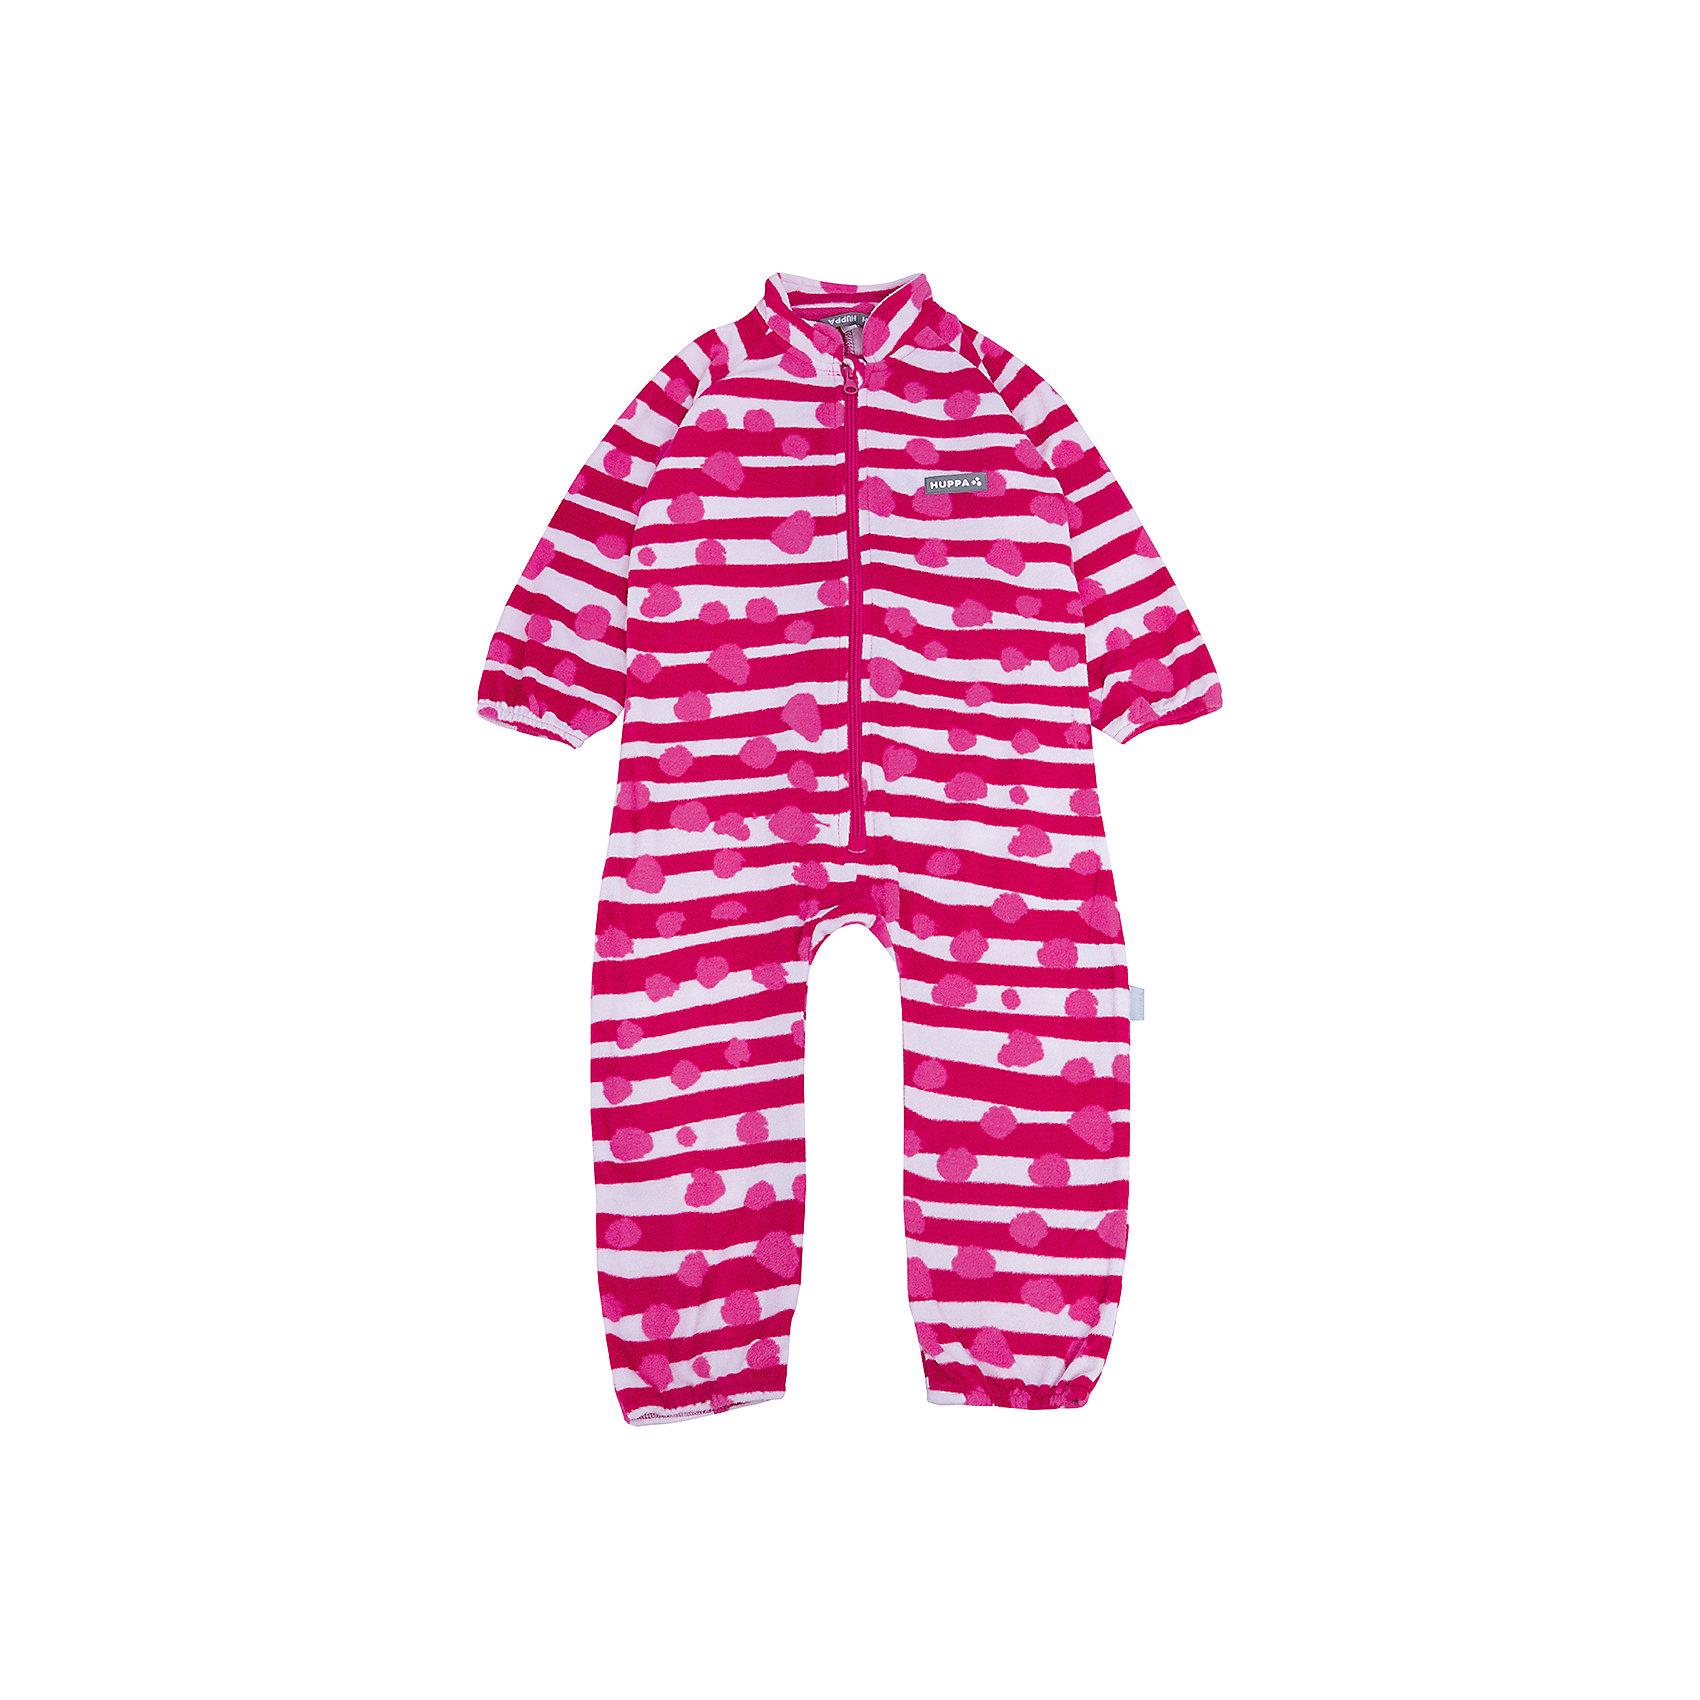 Комбинезон флисовый для девочки HuppaФлисовый комбинезон ROLAND Huppa(Хуппа) имеет высокий воротник и застегивается на молнию. На манжетах есть резинки, надежно защищающие малыша от попадания ветра под одежду. Комбинезон достаточно теплый и отлично подойдет в качестве промежуточного слоя в одежде в зимнее время или как верхняя одежда весной-осенью.<br><br>Дополнительная информация:<br>Материал: 100% полиэстер<br>Цвет: розовый/белый<br><br>Флисовый комбинезон ROLAND Huppa(Хуппа) вы можете приобрести в нашем интернет-магазине.<br><br>Ширина мм: 356<br>Глубина мм: 10<br>Высота мм: 245<br>Вес г: 519<br>Цвет: розовый<br>Возраст от месяцев: 48<br>Возраст до месяцев: 60<br>Пол: Женский<br>Возраст: Детский<br>Размер: 110,116,74,80,122,86,92,98,104<br>SKU: 4928553